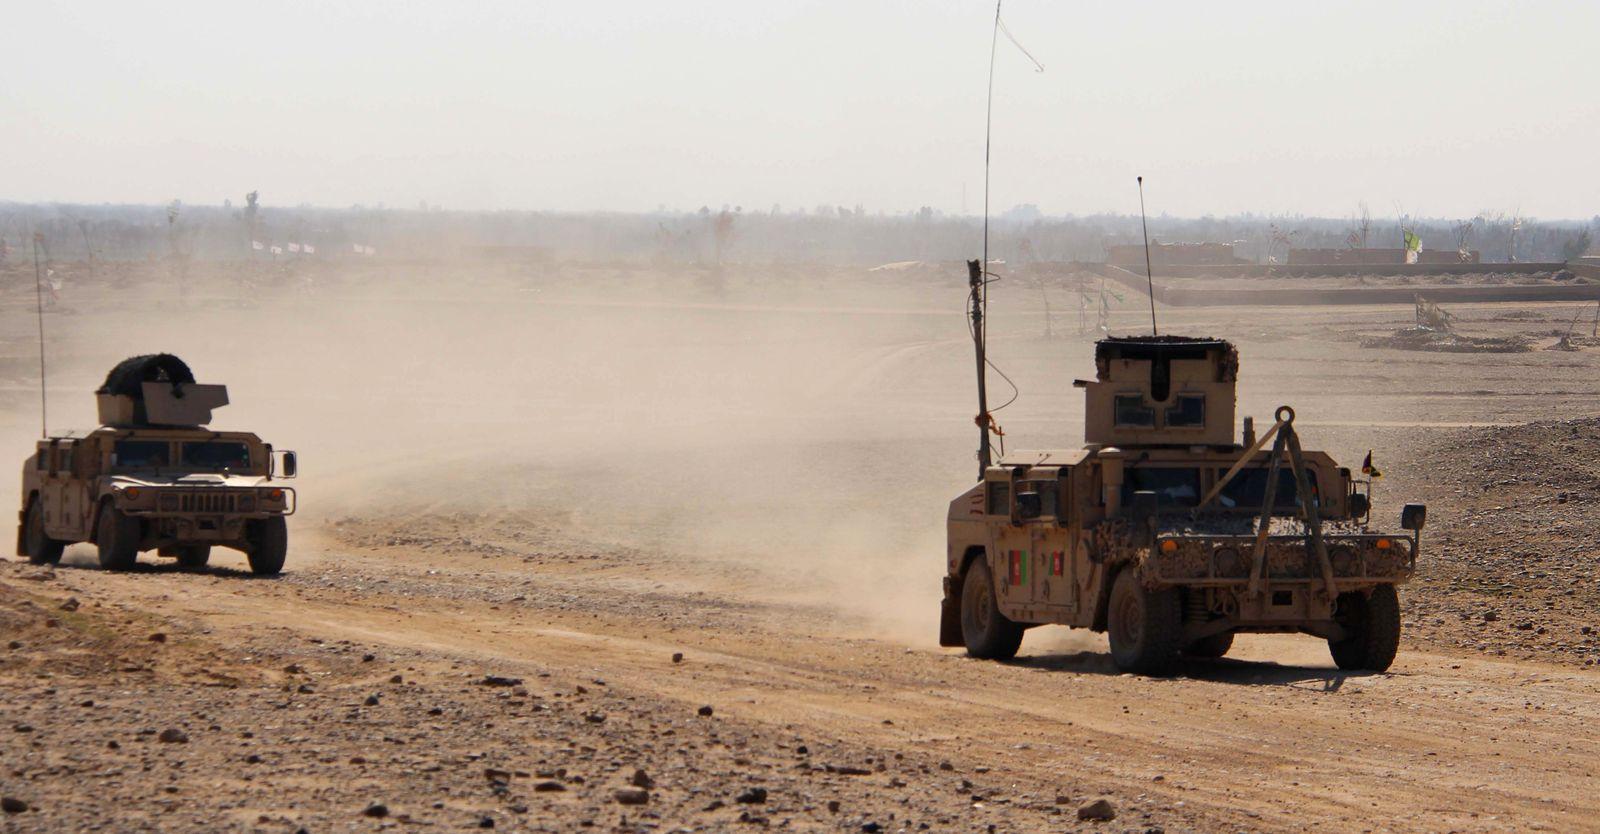 Afghan security officials patrol in Helmand, Afghanistan - 03 Mar 2020